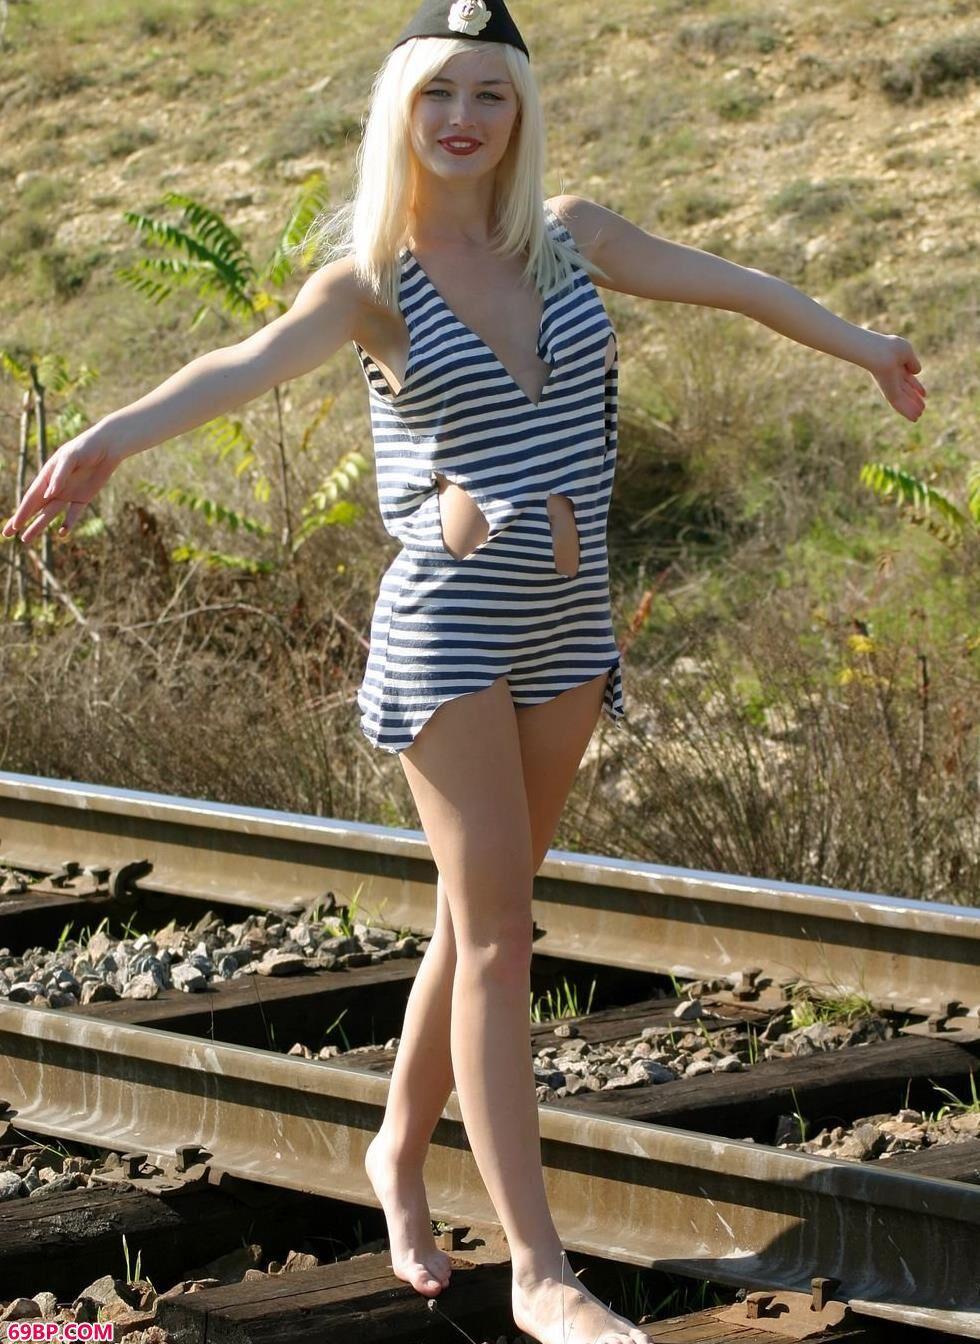 裸模Lilu铁轨上的军装翘臀